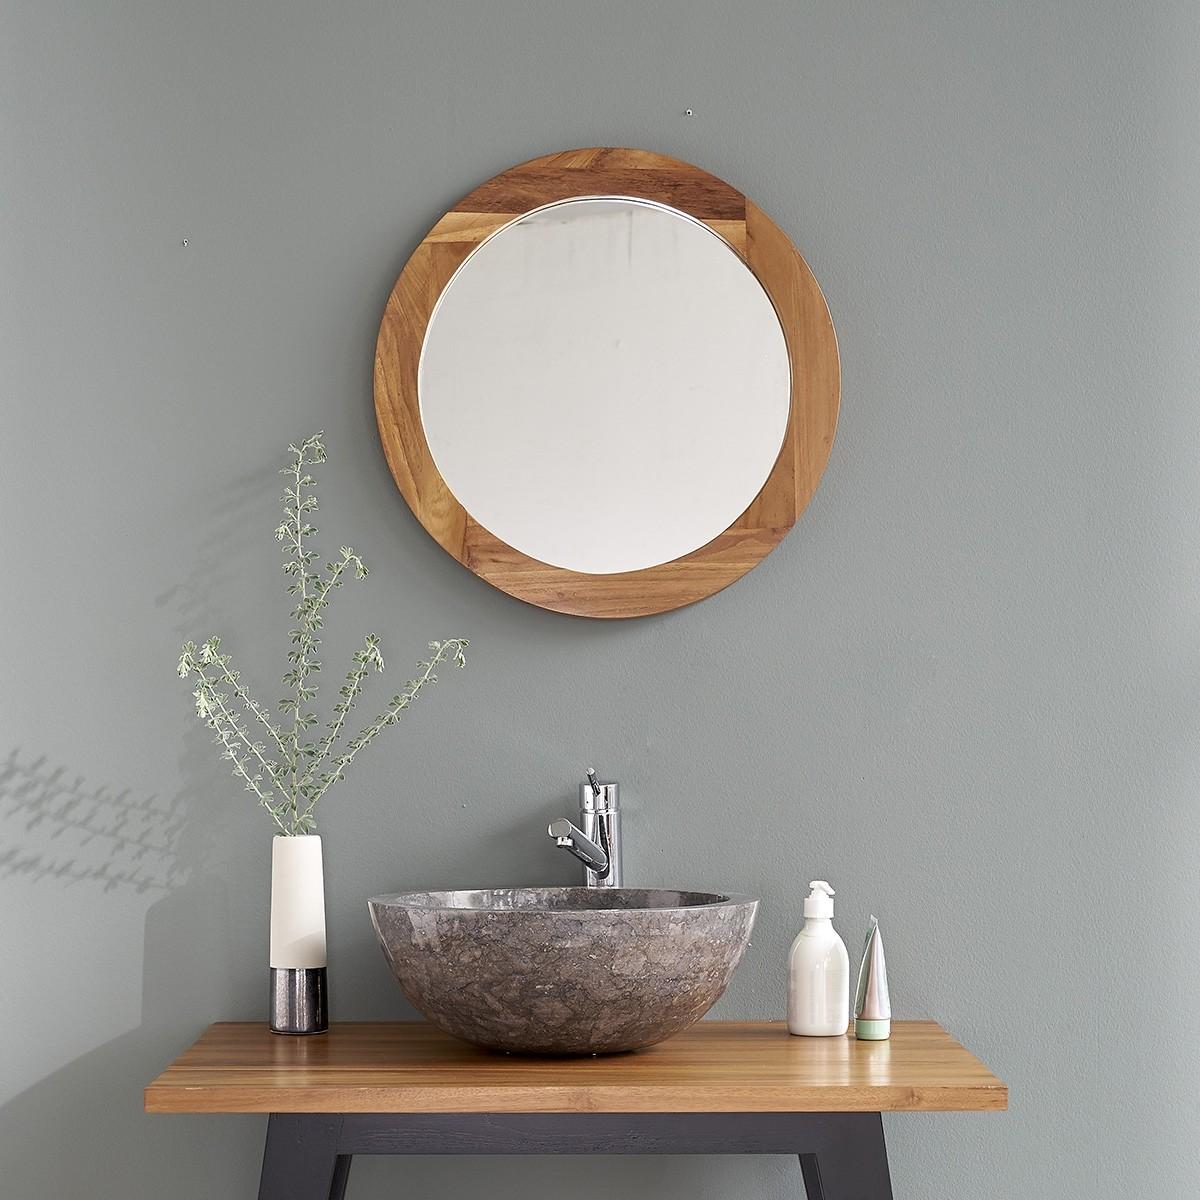 Miroir rond en bois de teck bois dessus bois dessous - Miroir salle de bain bois ...